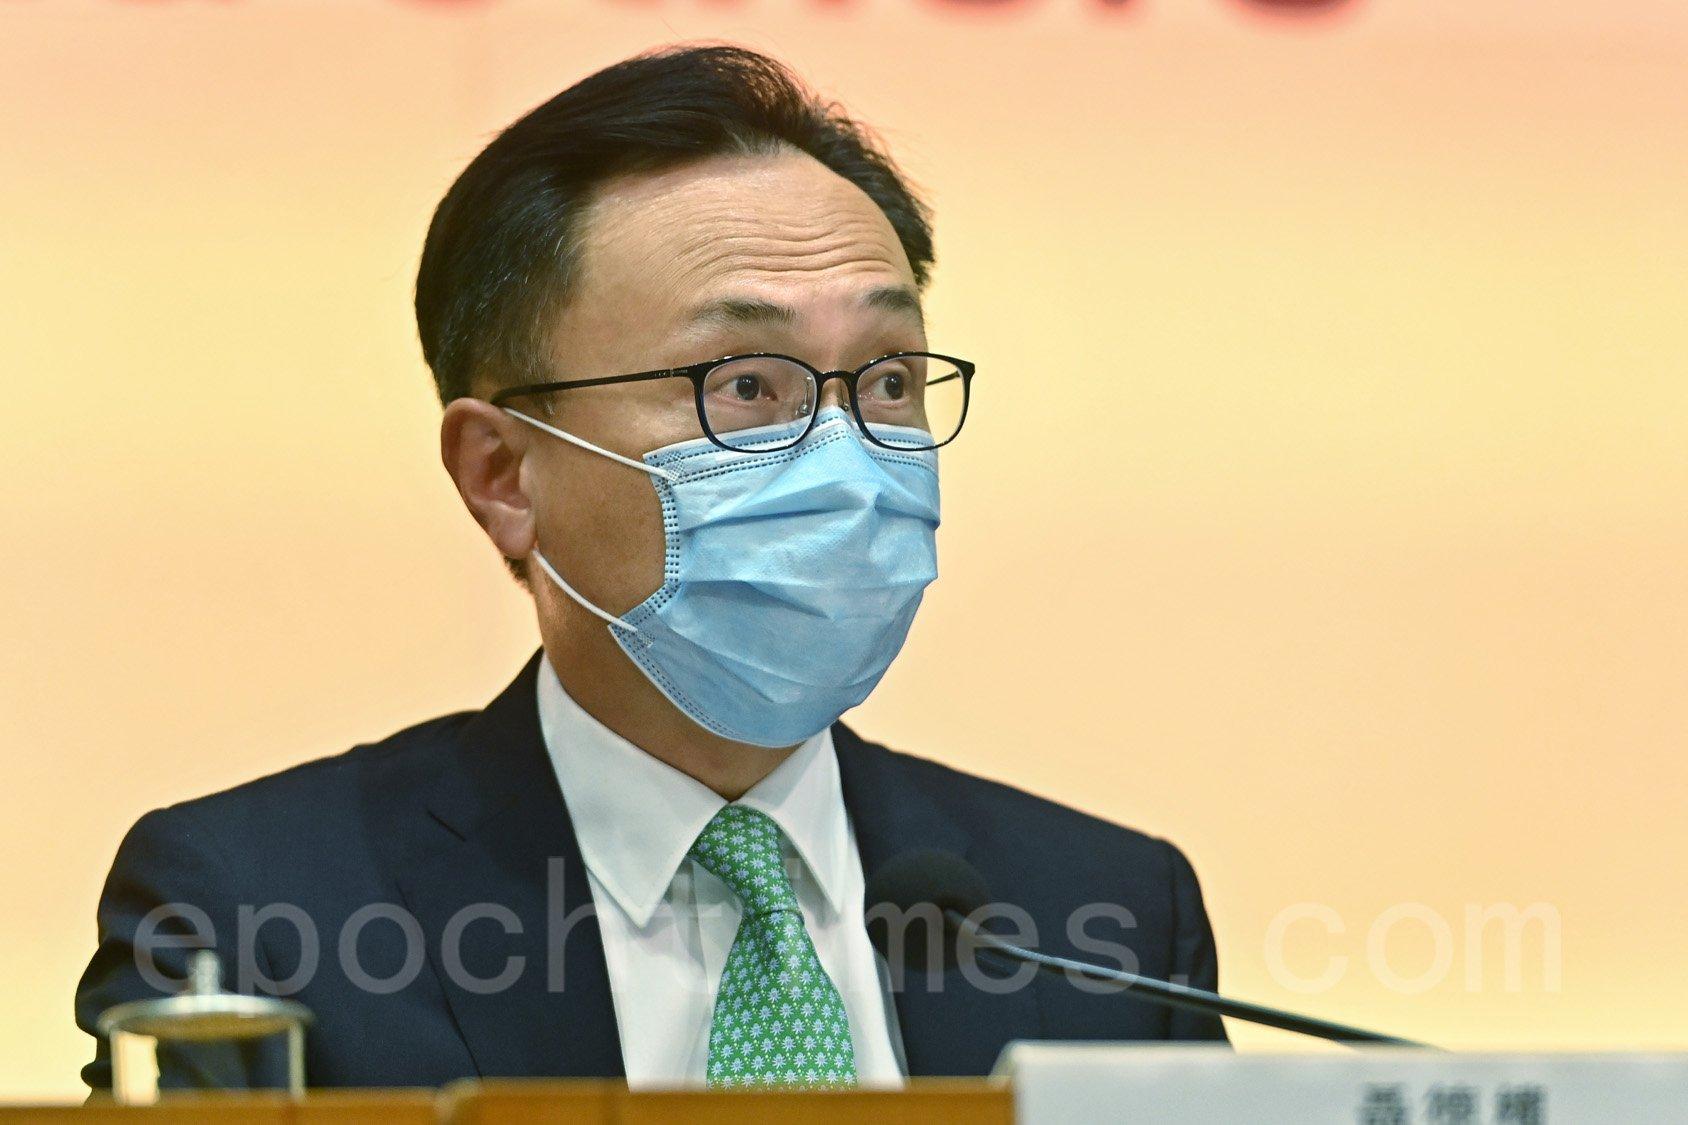 聶德權表示,科興首批的100萬劑疫苗即將於明日(19日)到港,當局將按優先組別安排接種。(宋碧龍/大紀元)